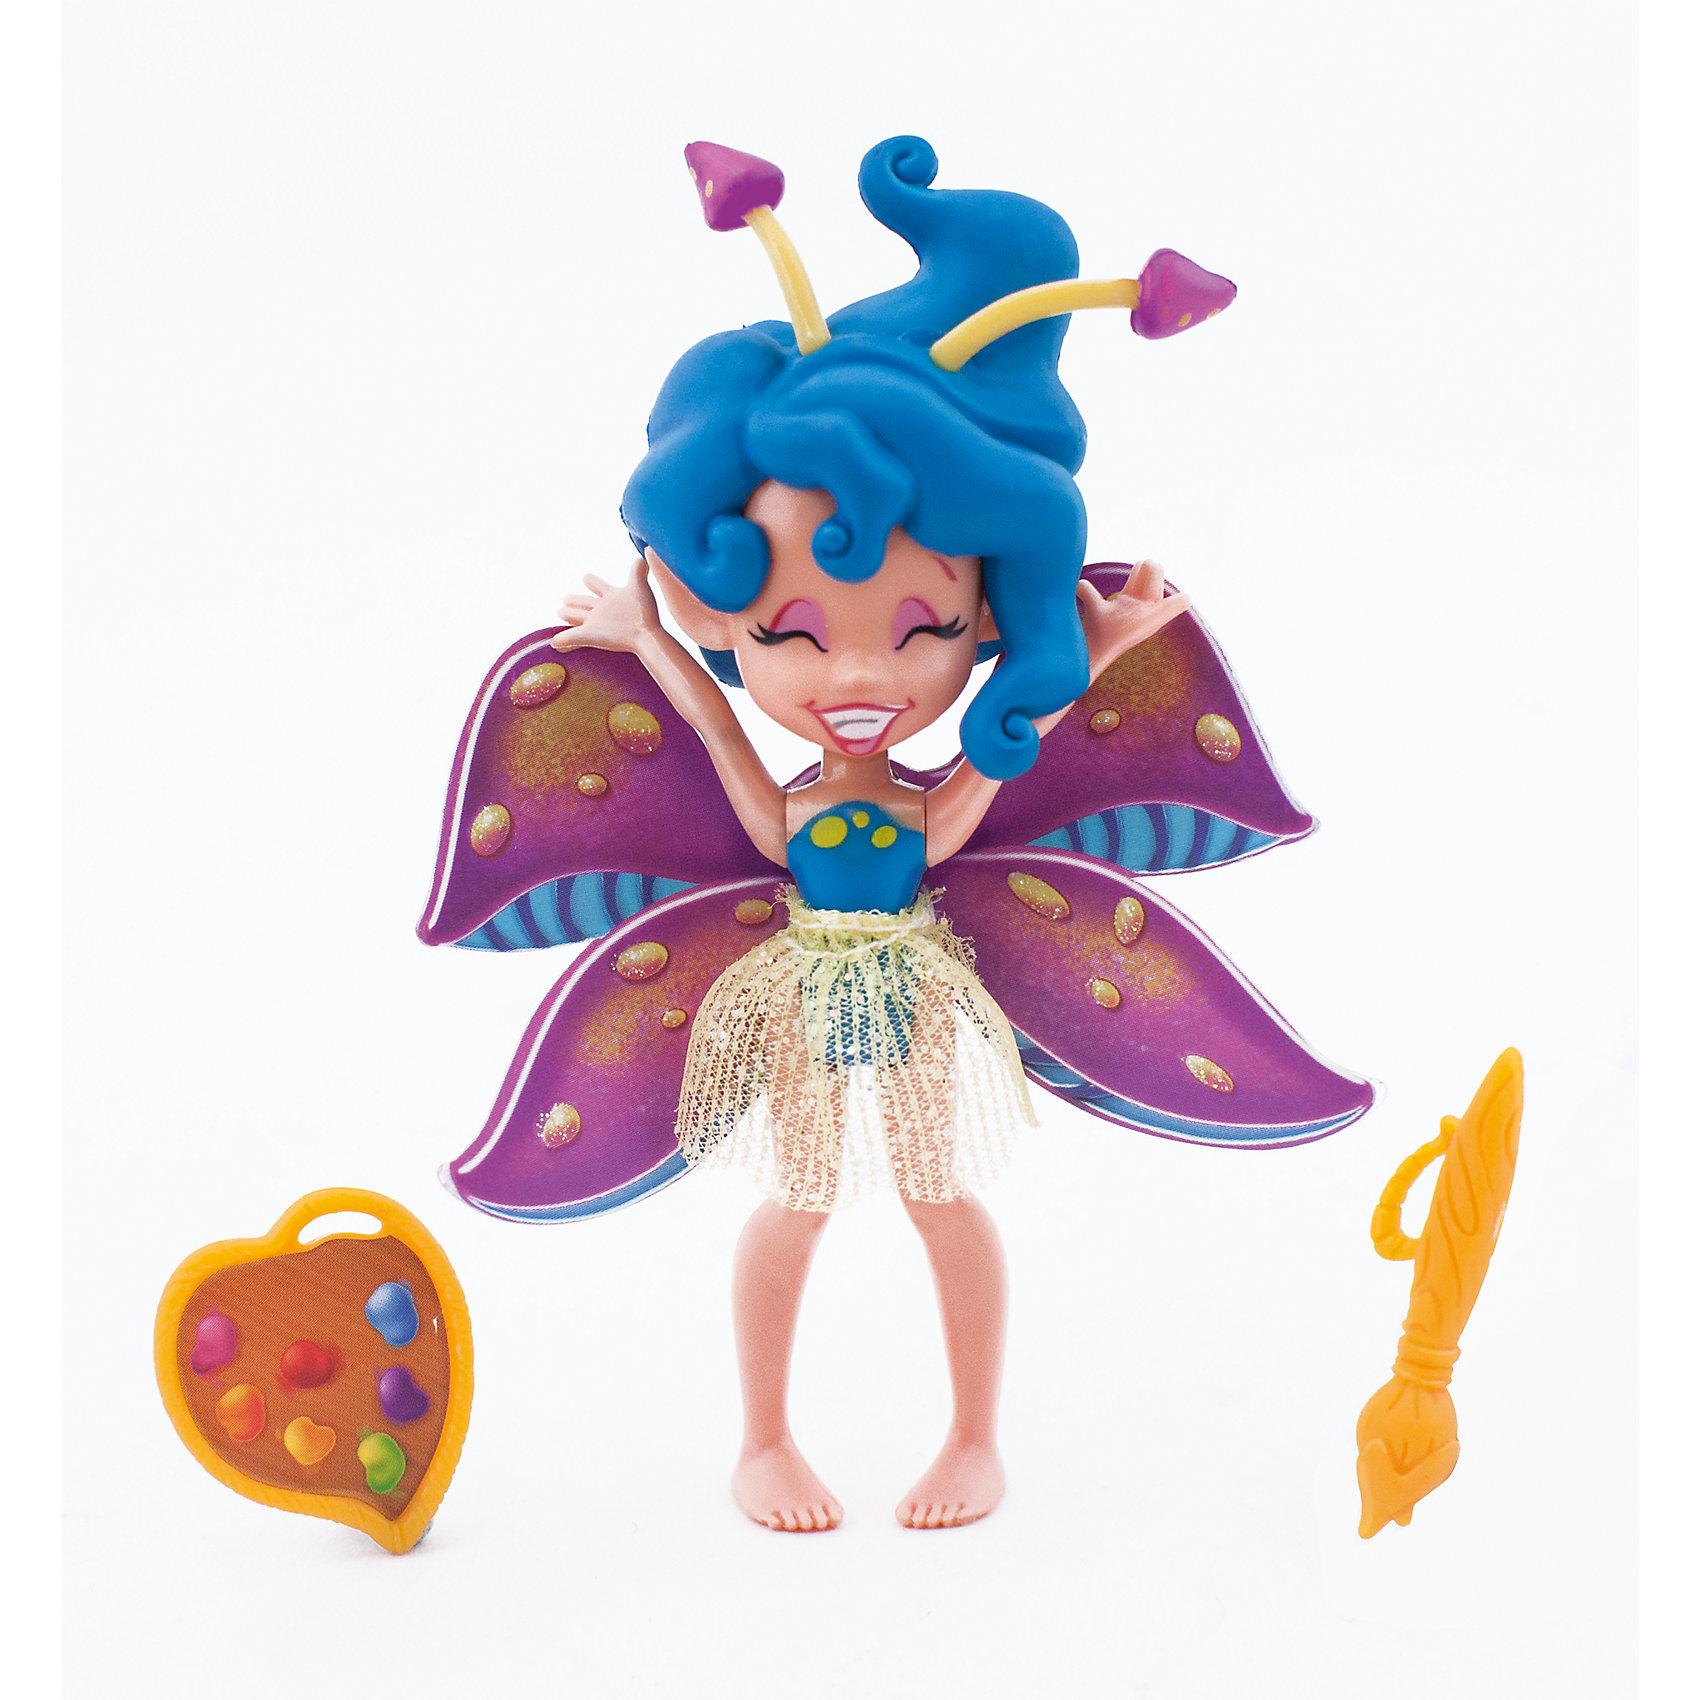 Фея Утреннего Леса Спора, LanardМини-куклы<br>Милая Фея- девочка c характерной внешностью, ярко декорированными крыльями, в прозрачной юбочке. Голова, ручки и ножки двигаются. В наборе тематические аксессуары: кисточка и краски.<br><br>Ширина мм: 127<br>Глубина мм: 381<br>Высота мм: 190<br>Вес г: 69<br>Возраст от месяцев: 36<br>Возраст до месяцев: 2147483647<br>Пол: Женский<br>Возраст: Детский<br>SKU: 5485118